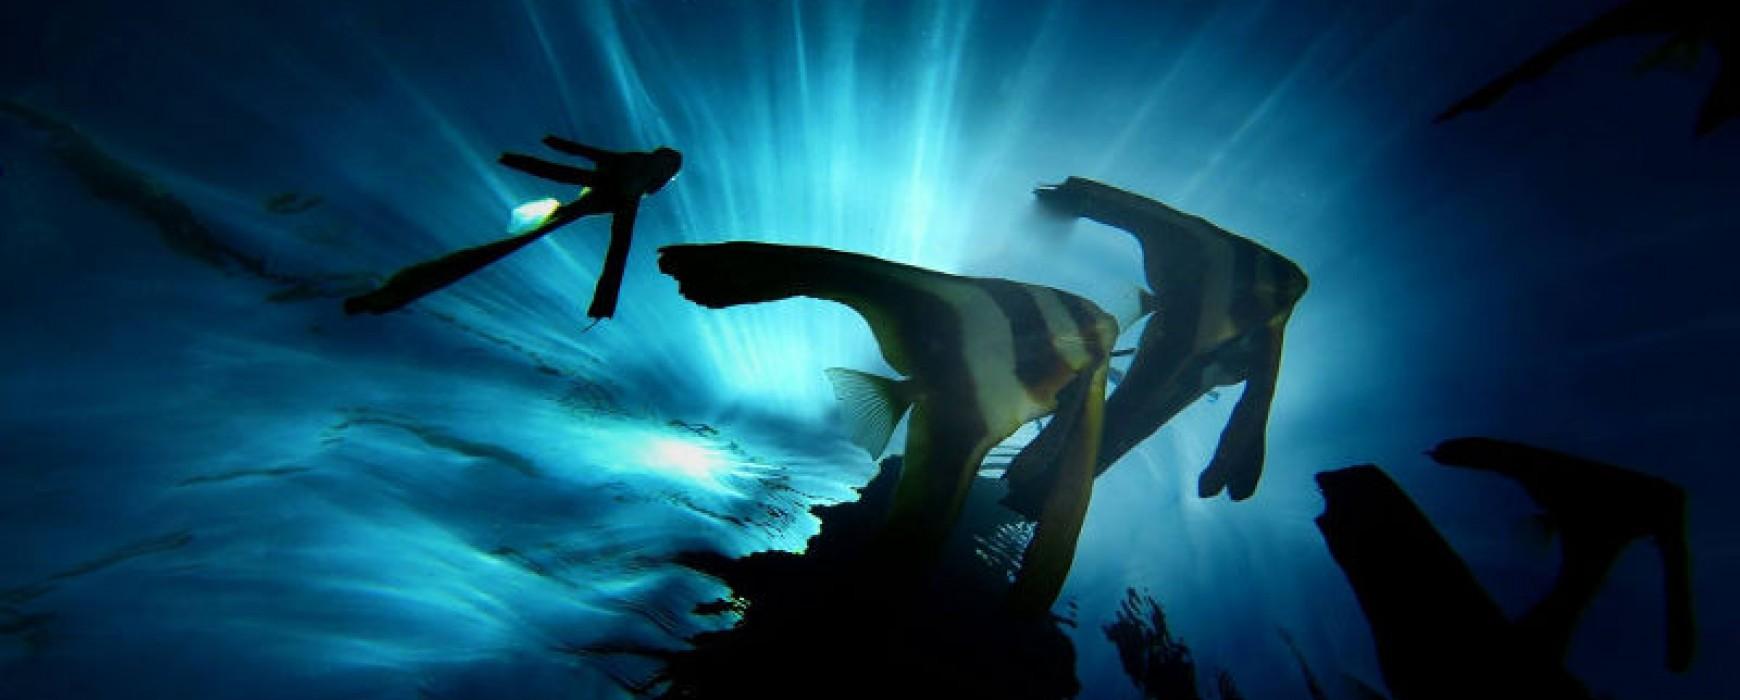 Unterwasser Foto- workshop Wettbewerb April 2016